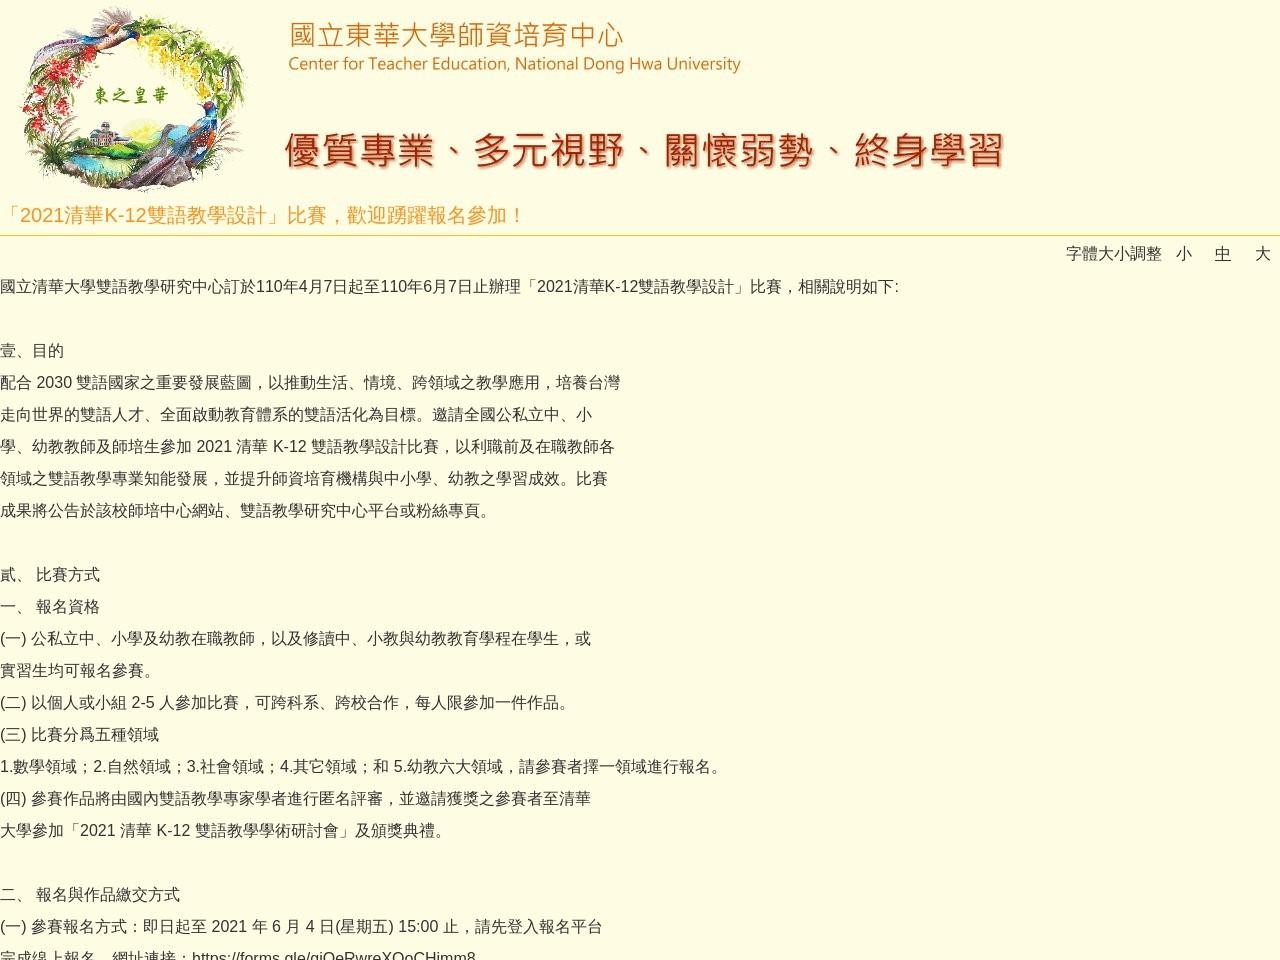 「2021清華K-12雙語教學設計」比賽,歡迎踴躍報名參加!